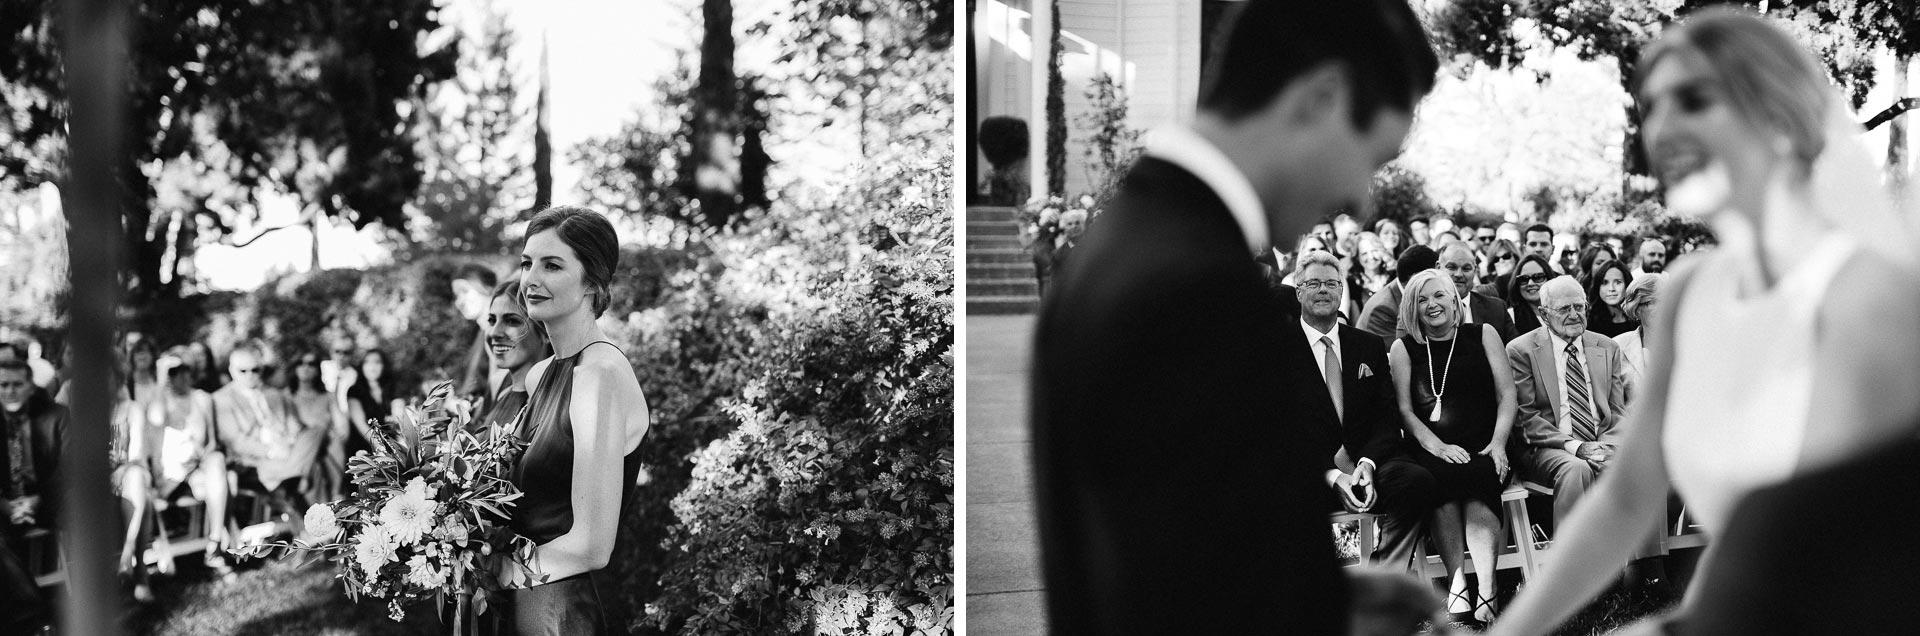 lauren_graham_wedding_california_park_winters_jeanlaurentgaudy_mix018